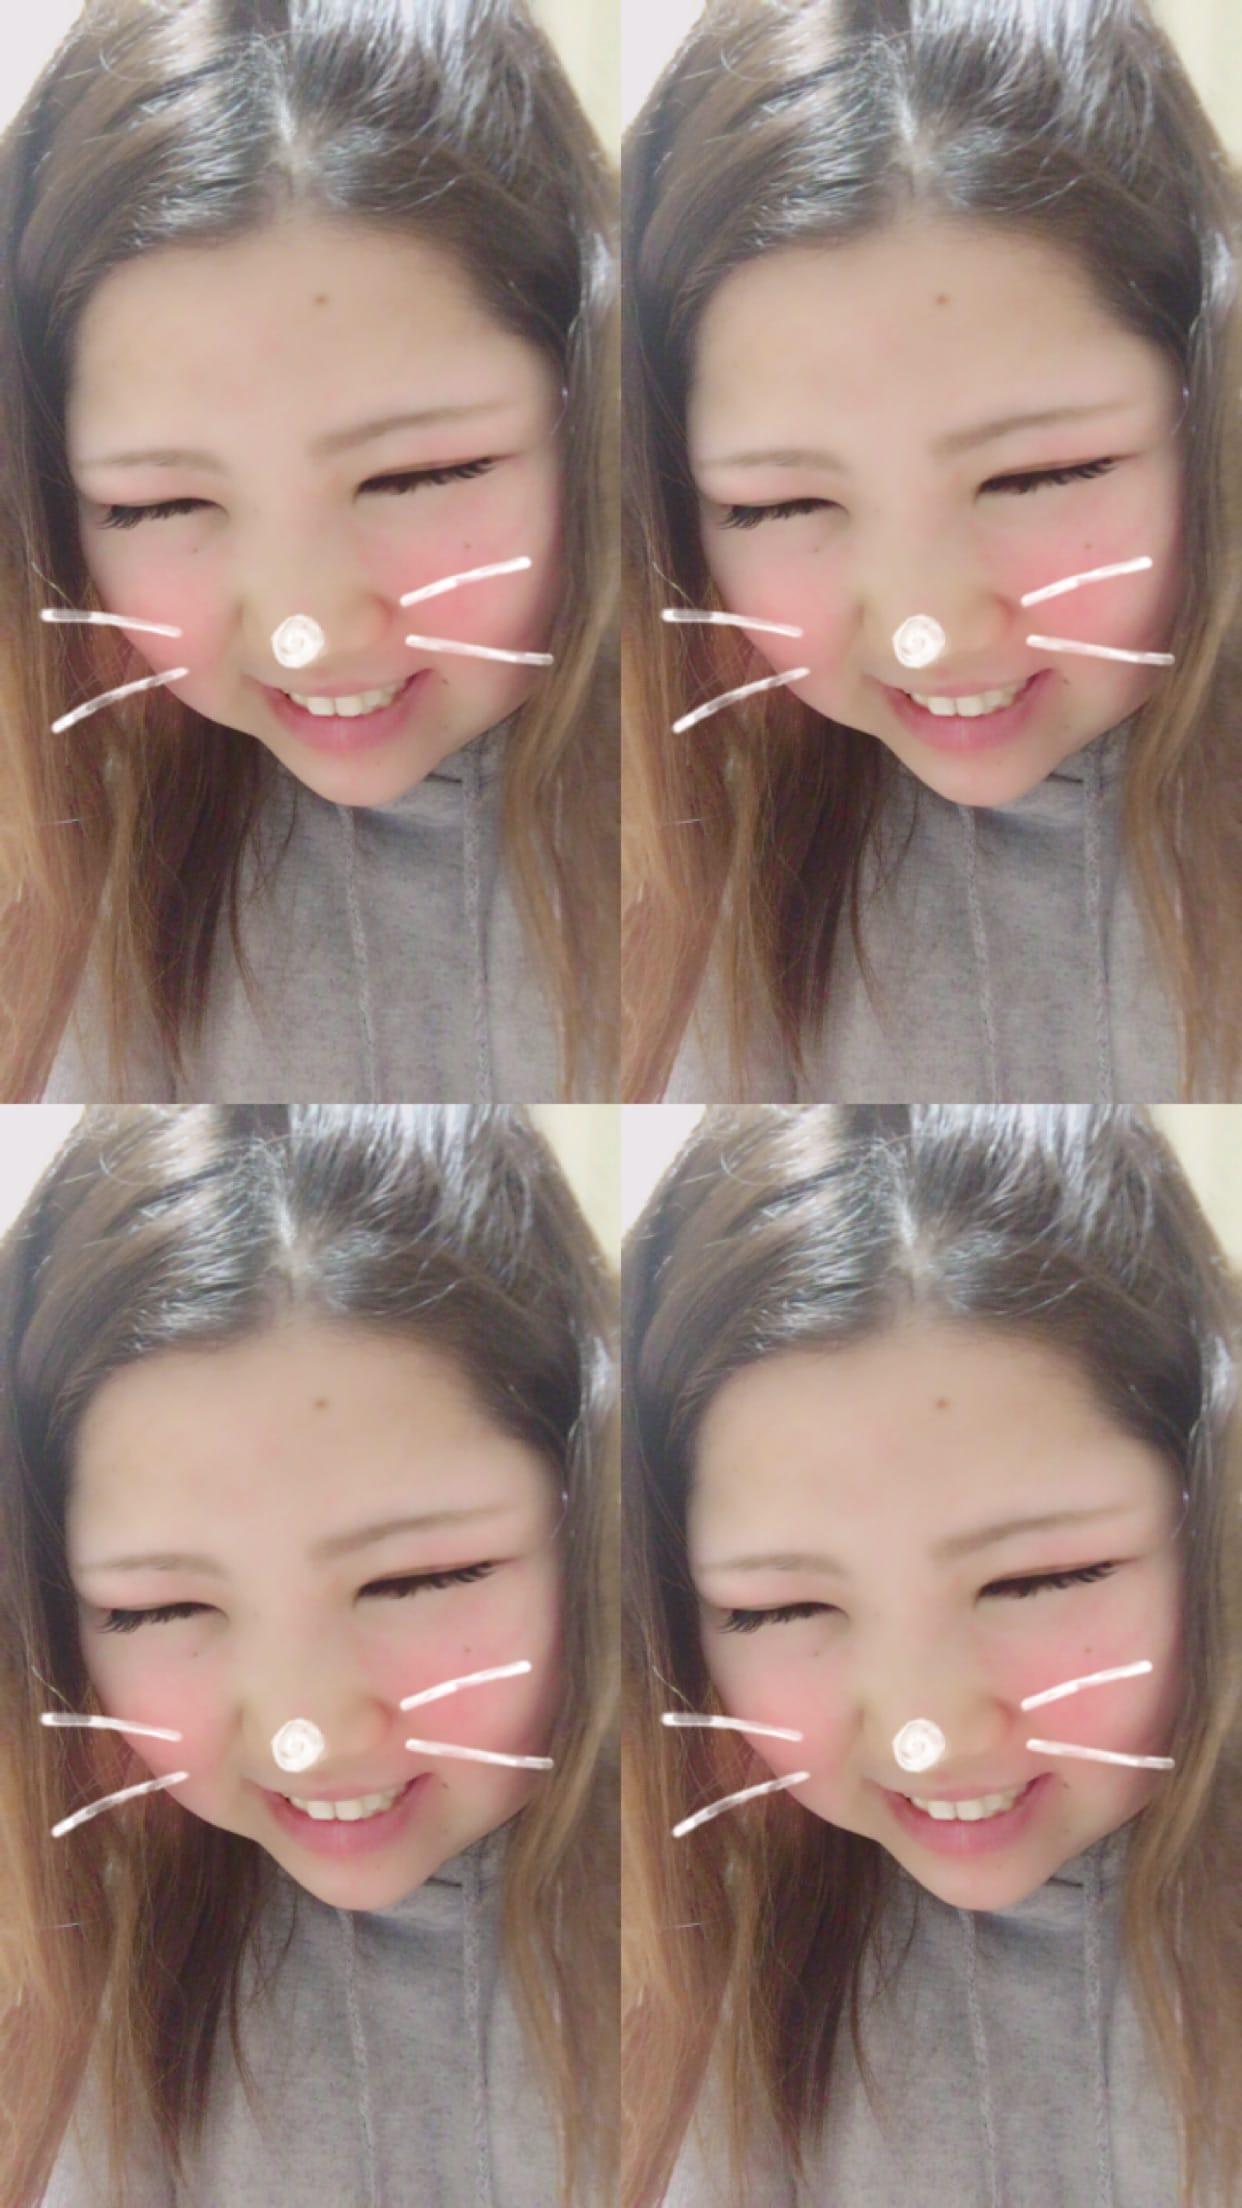 「あゆか( ¯•ω•¯ )」12/22(12/22) 22:57 | あゆか※敏感美女の写メ・風俗動画